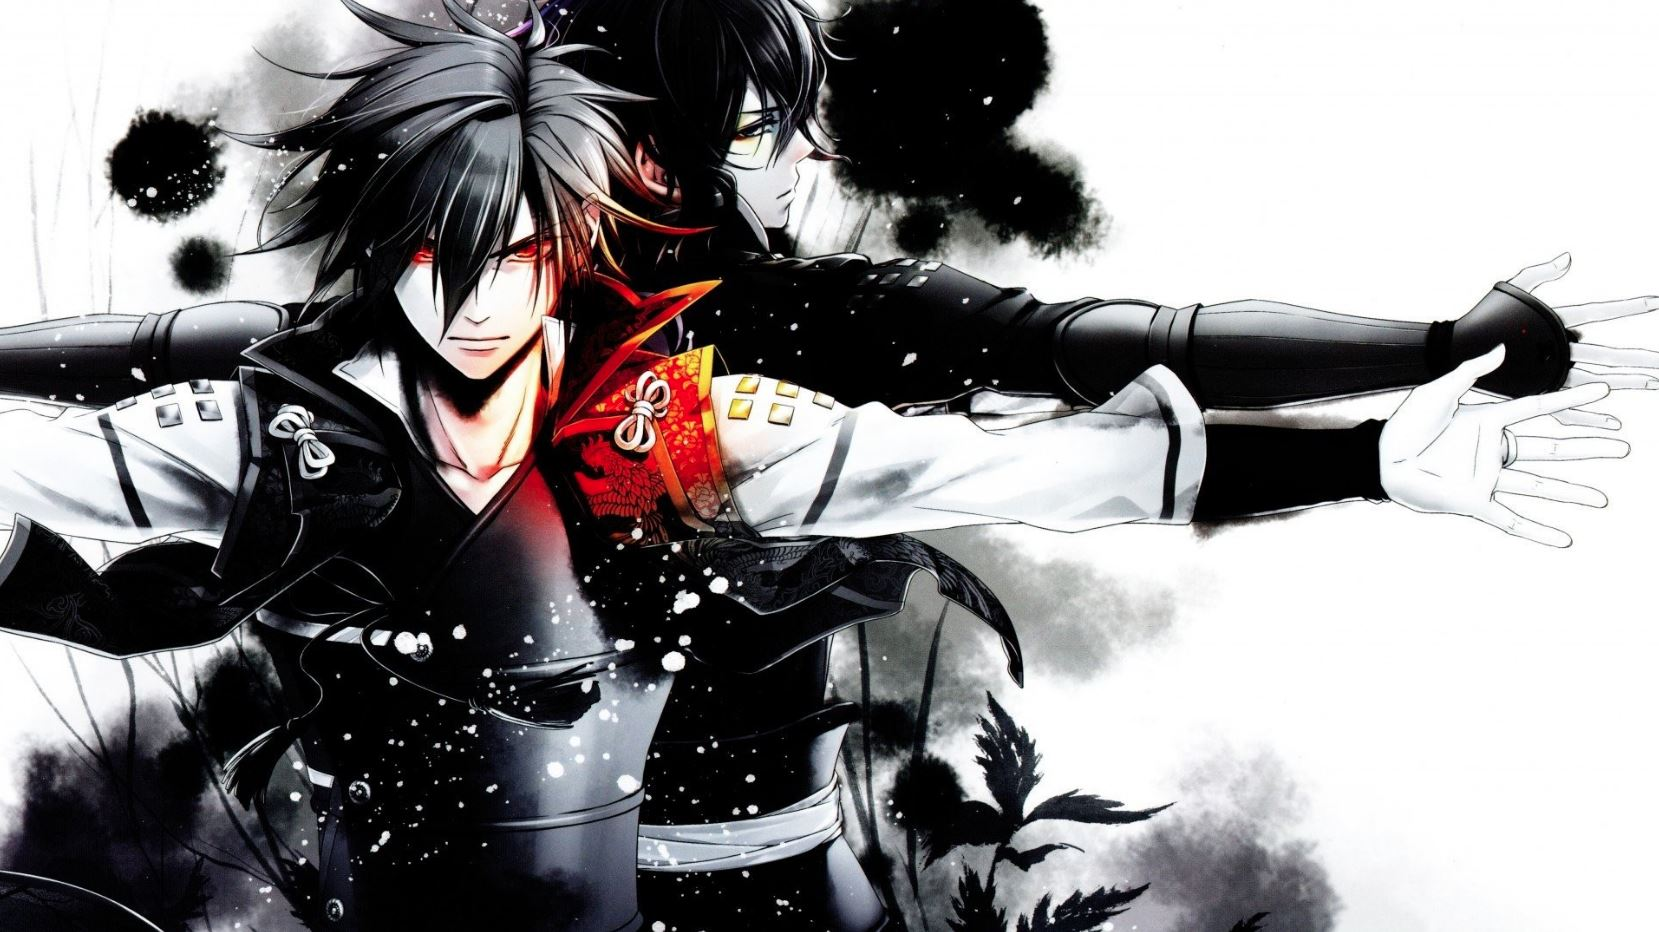 Hình anime boy tóc đen lạnh lùng, siêu ngầu